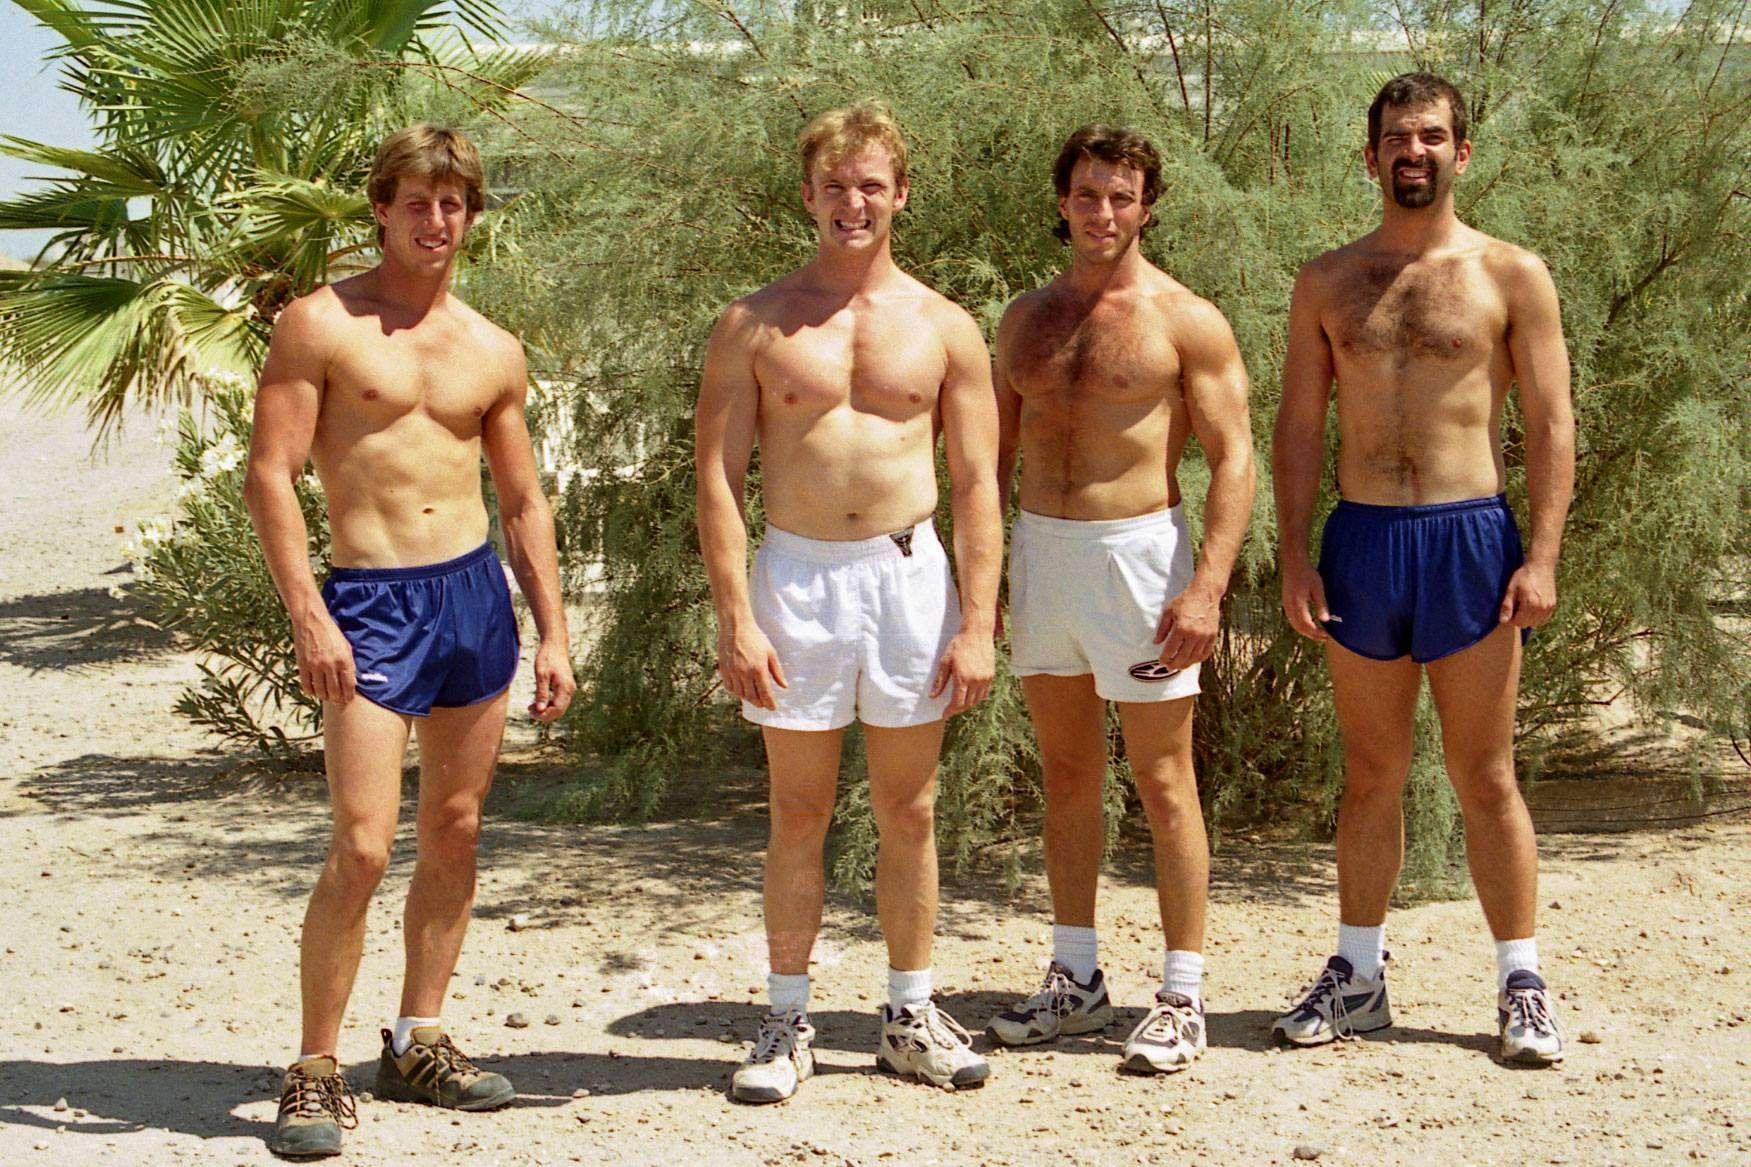 Arizona Airspeed 1994 - 1999 — Jack Jefferies, Mark Kirkby, Dan Brodsky-Chenfeld and Kirk Verner